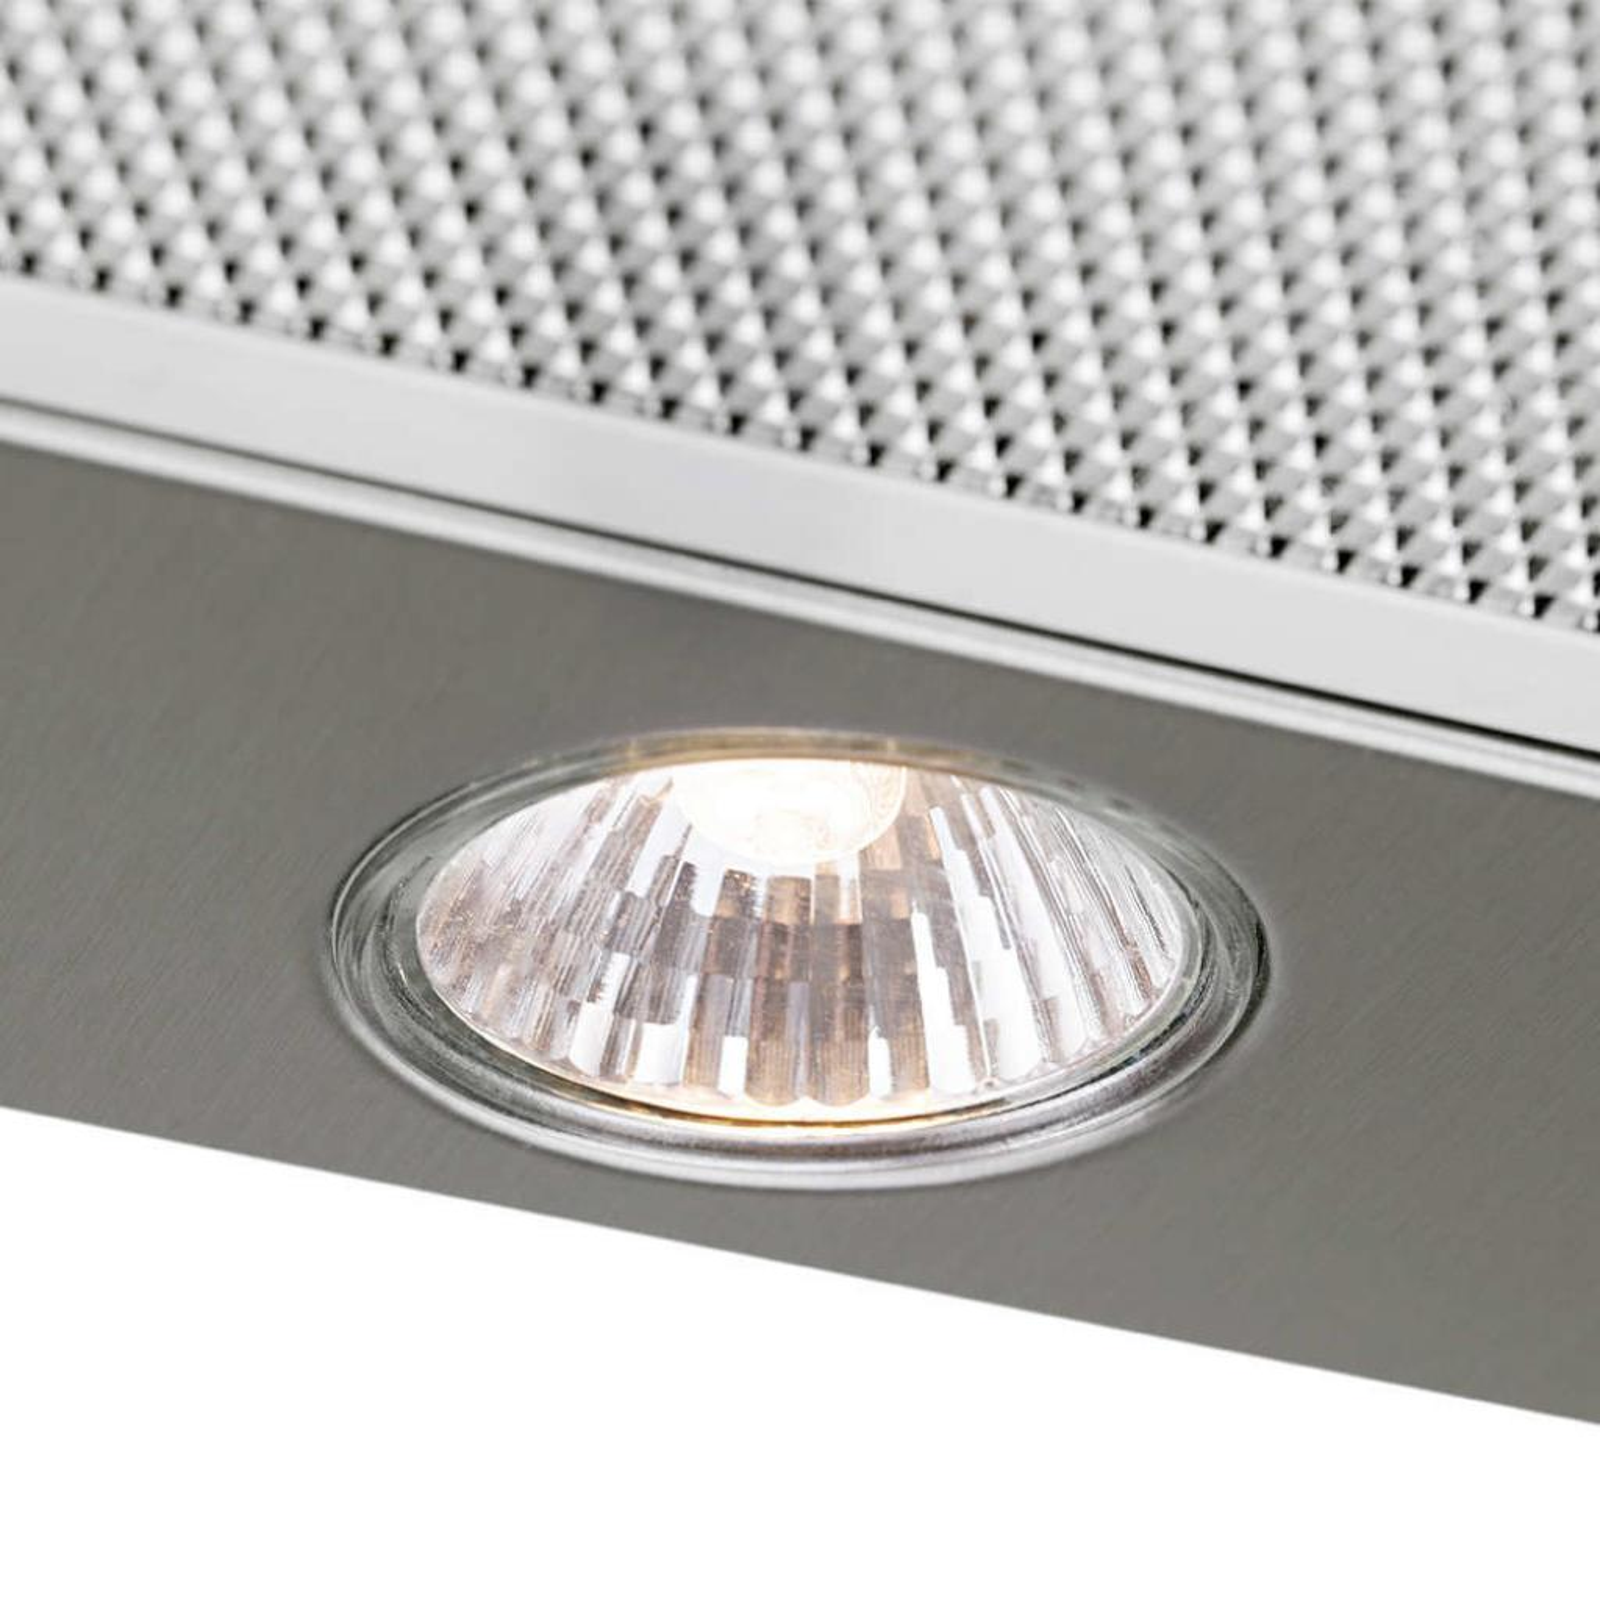 Вытяжка кухонная PYRAMIDA TL FULL GLASS 60 (1100) INOX BL/U изображение 3